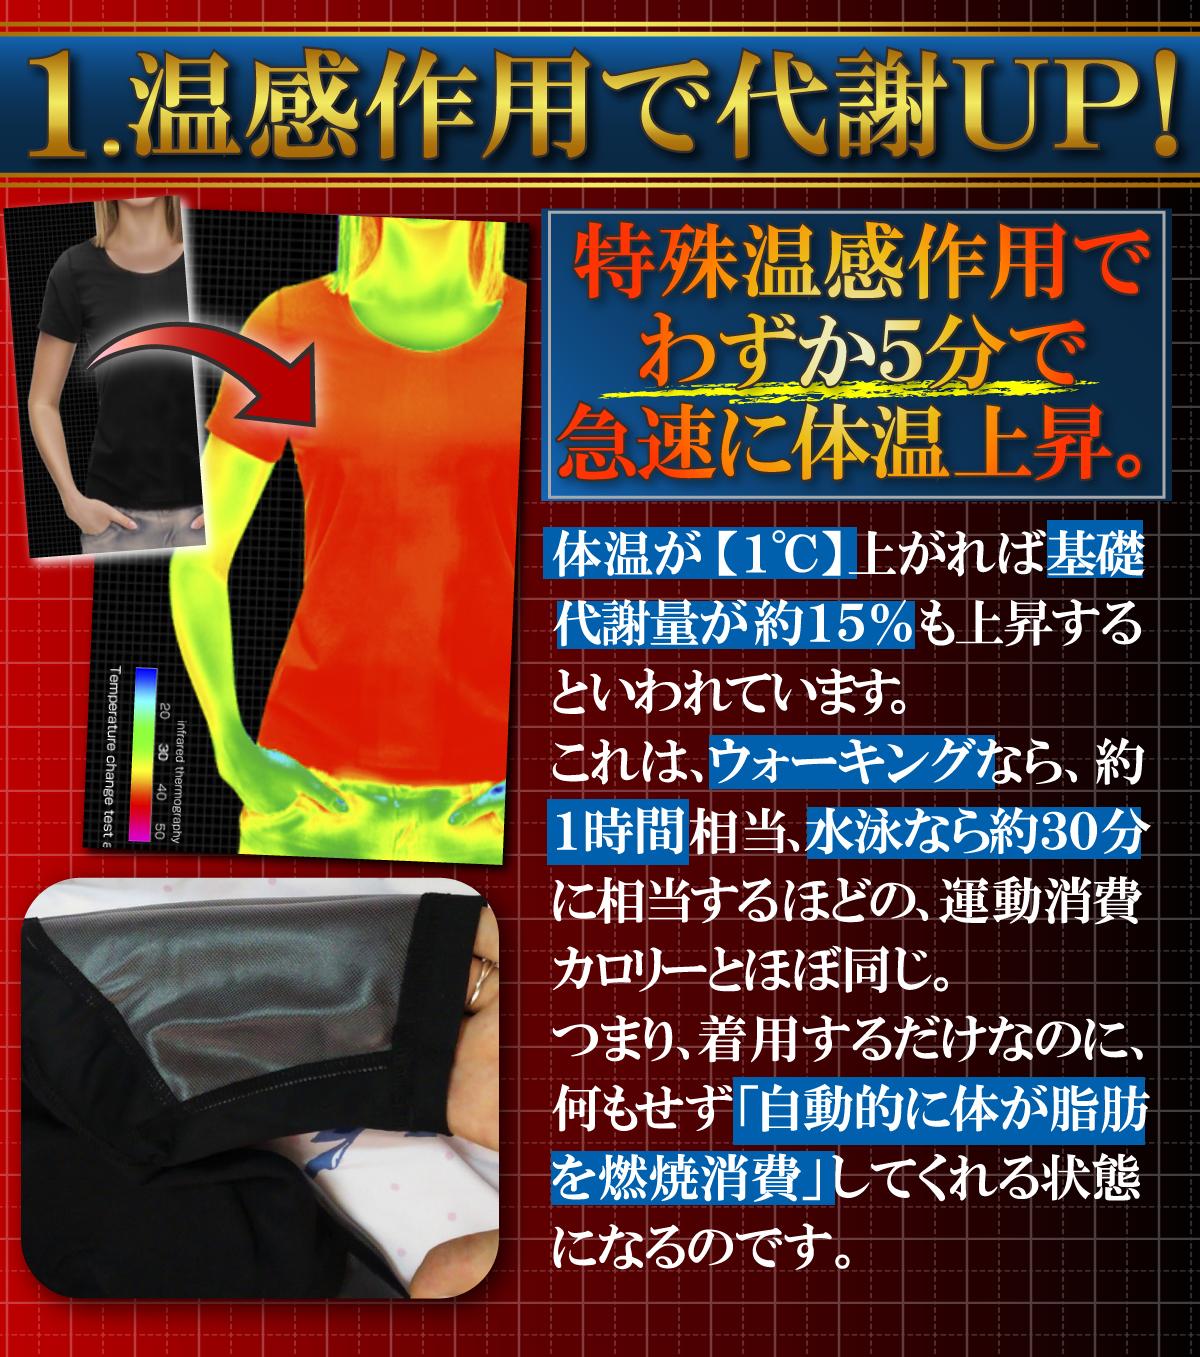 特殊温感素材を使用で着るだけで体温上昇!基礎代謝アップ・冷え性改善効果